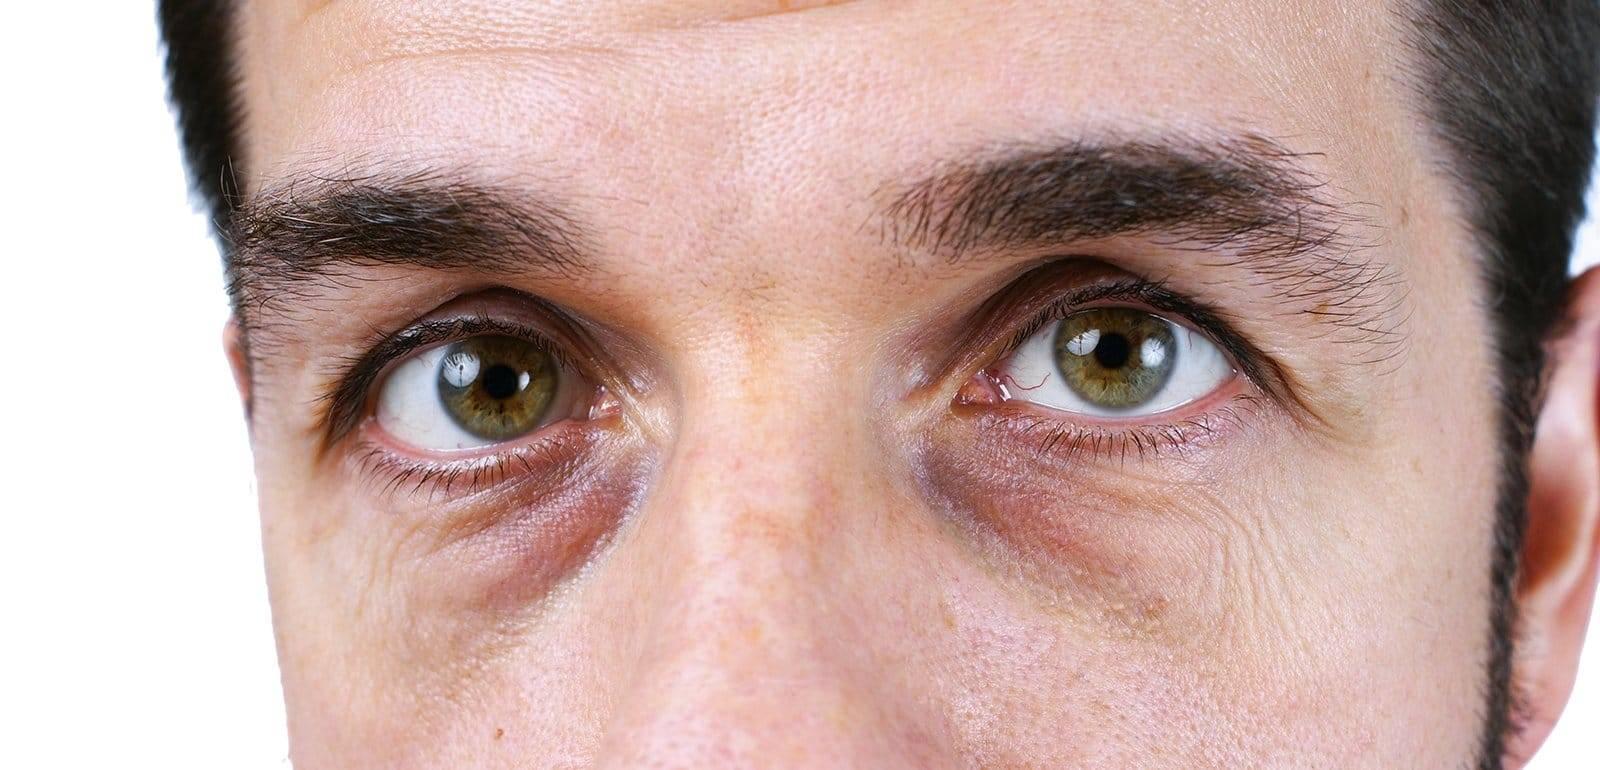 Стеклянный взгляд у человека причина. стеклянные глаза: что означает симптом и как с ним бороться. тревожный признак: затуманенное зрение при диабете